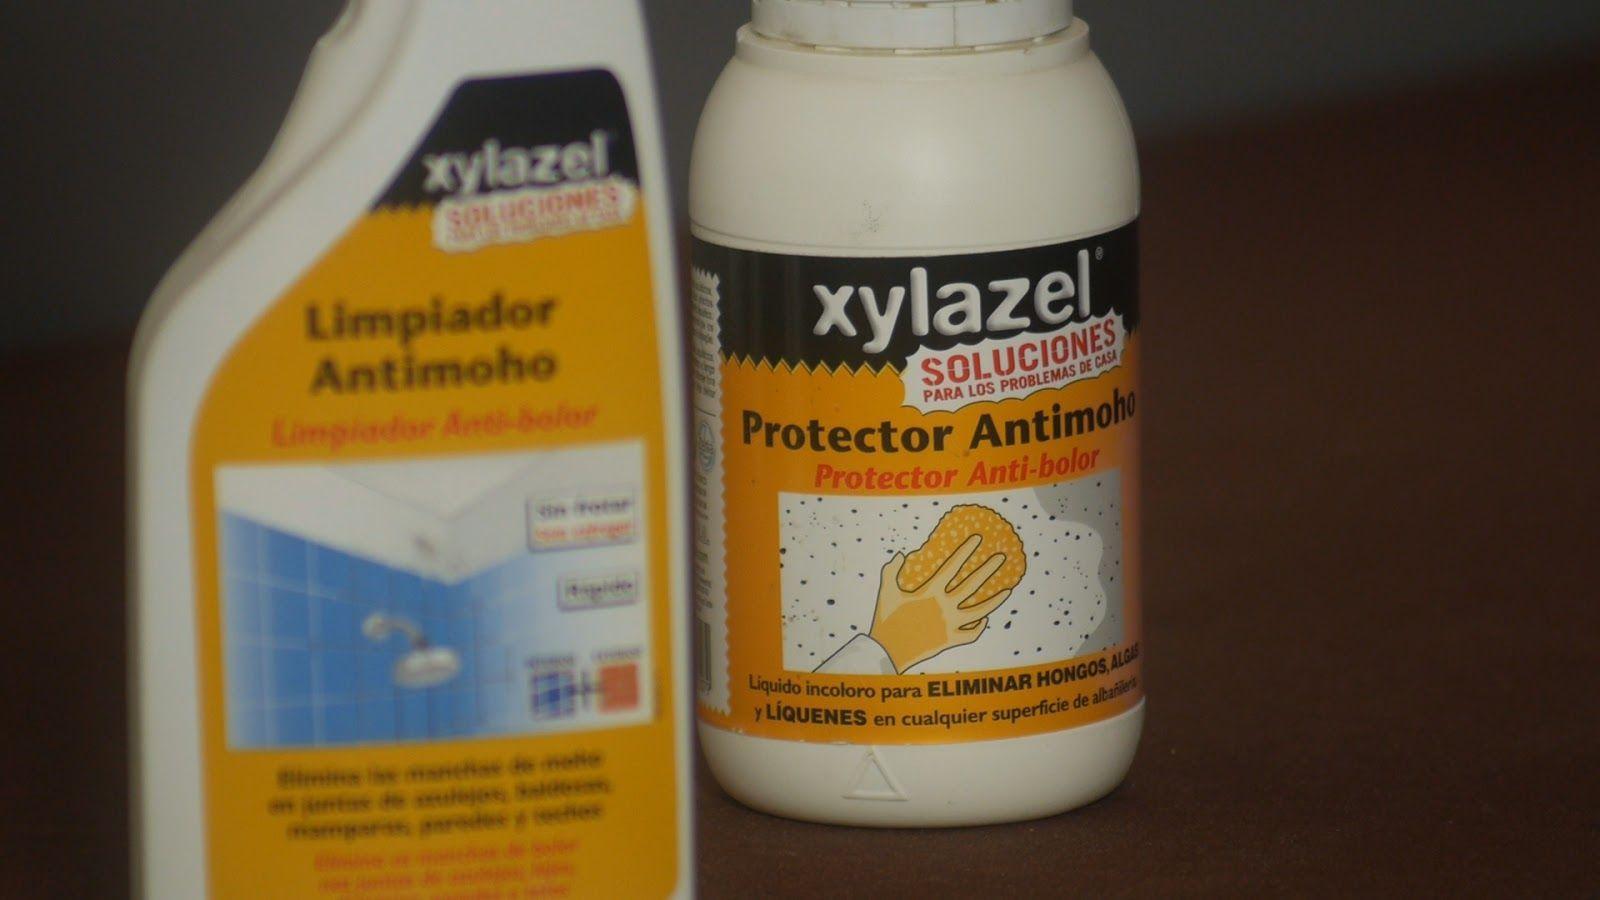 Protector antimoho para manchas causadas por la condensación